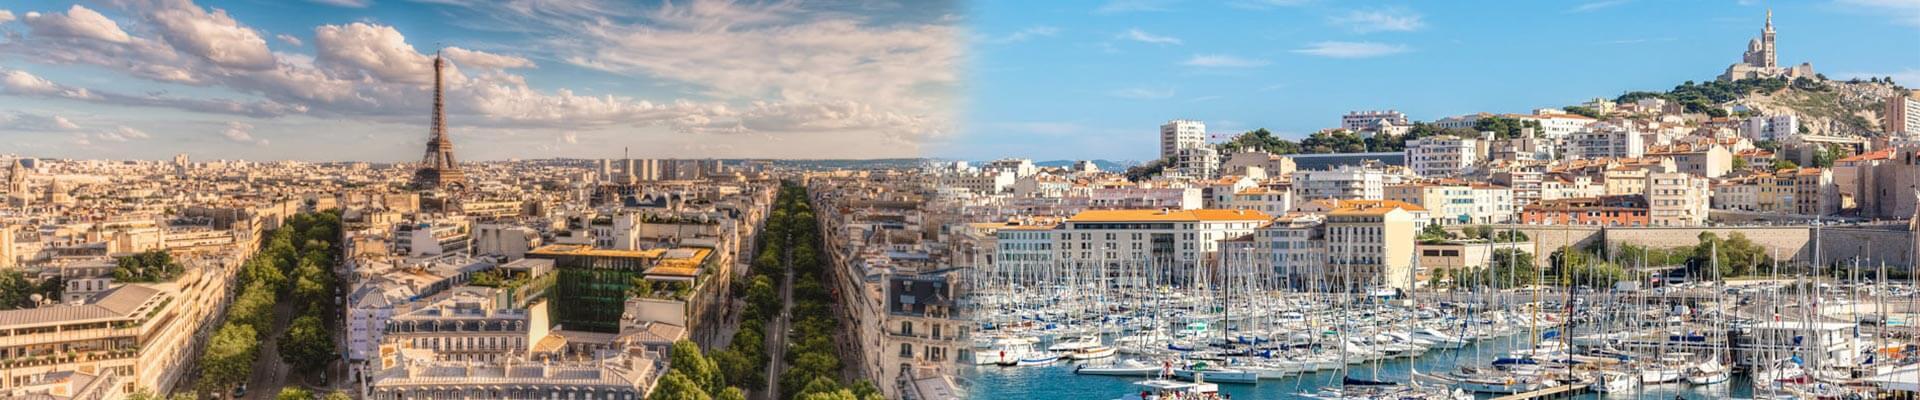 Service tout inclus VTC - Prise en charge Paris / Sud de la France